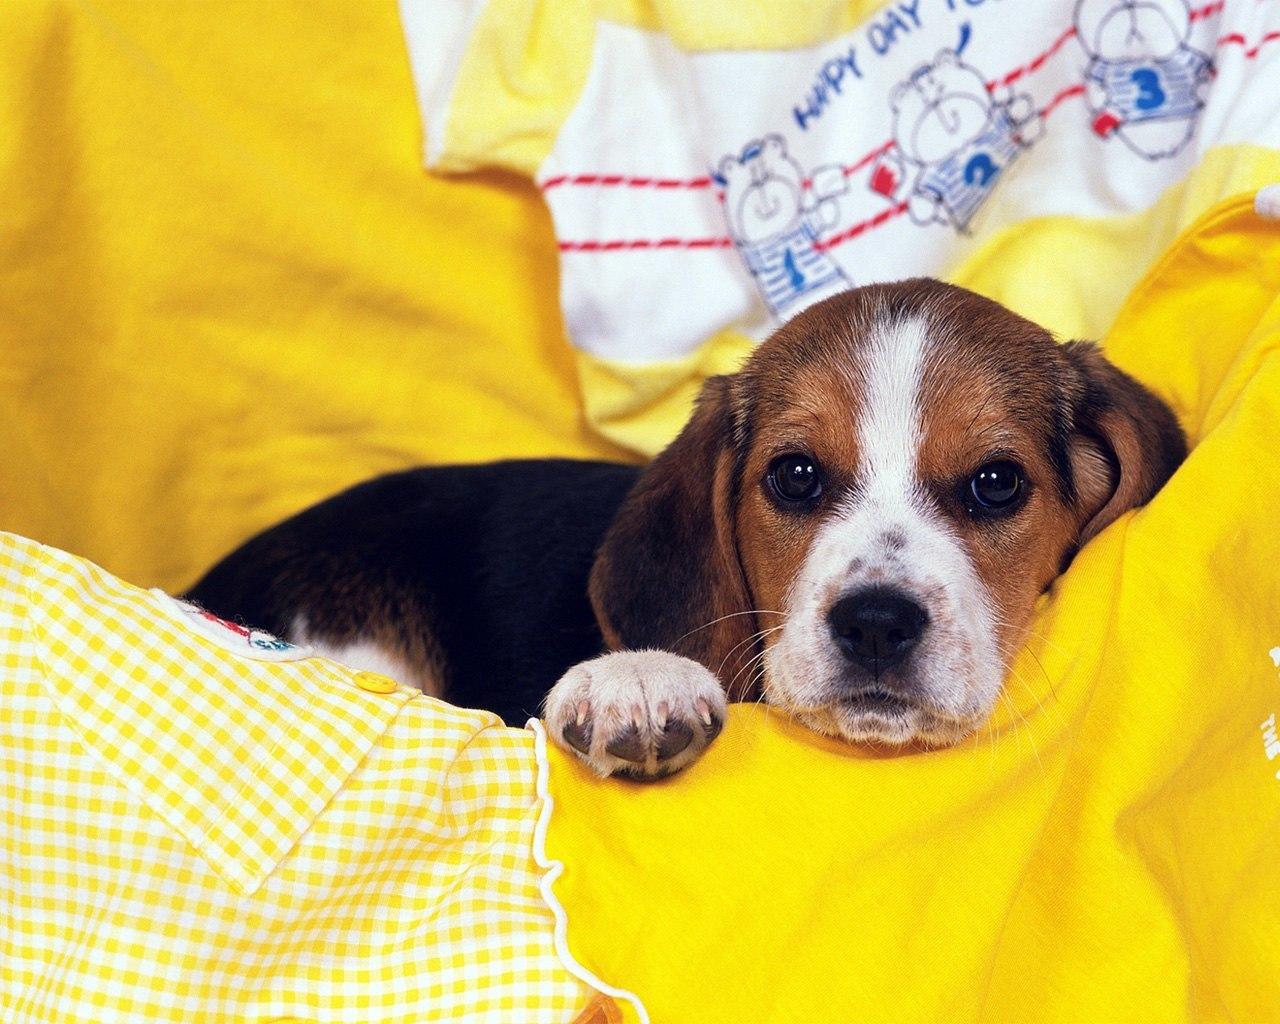 49105 скачать обои Животные, Собаки - заставки и картинки бесплатно